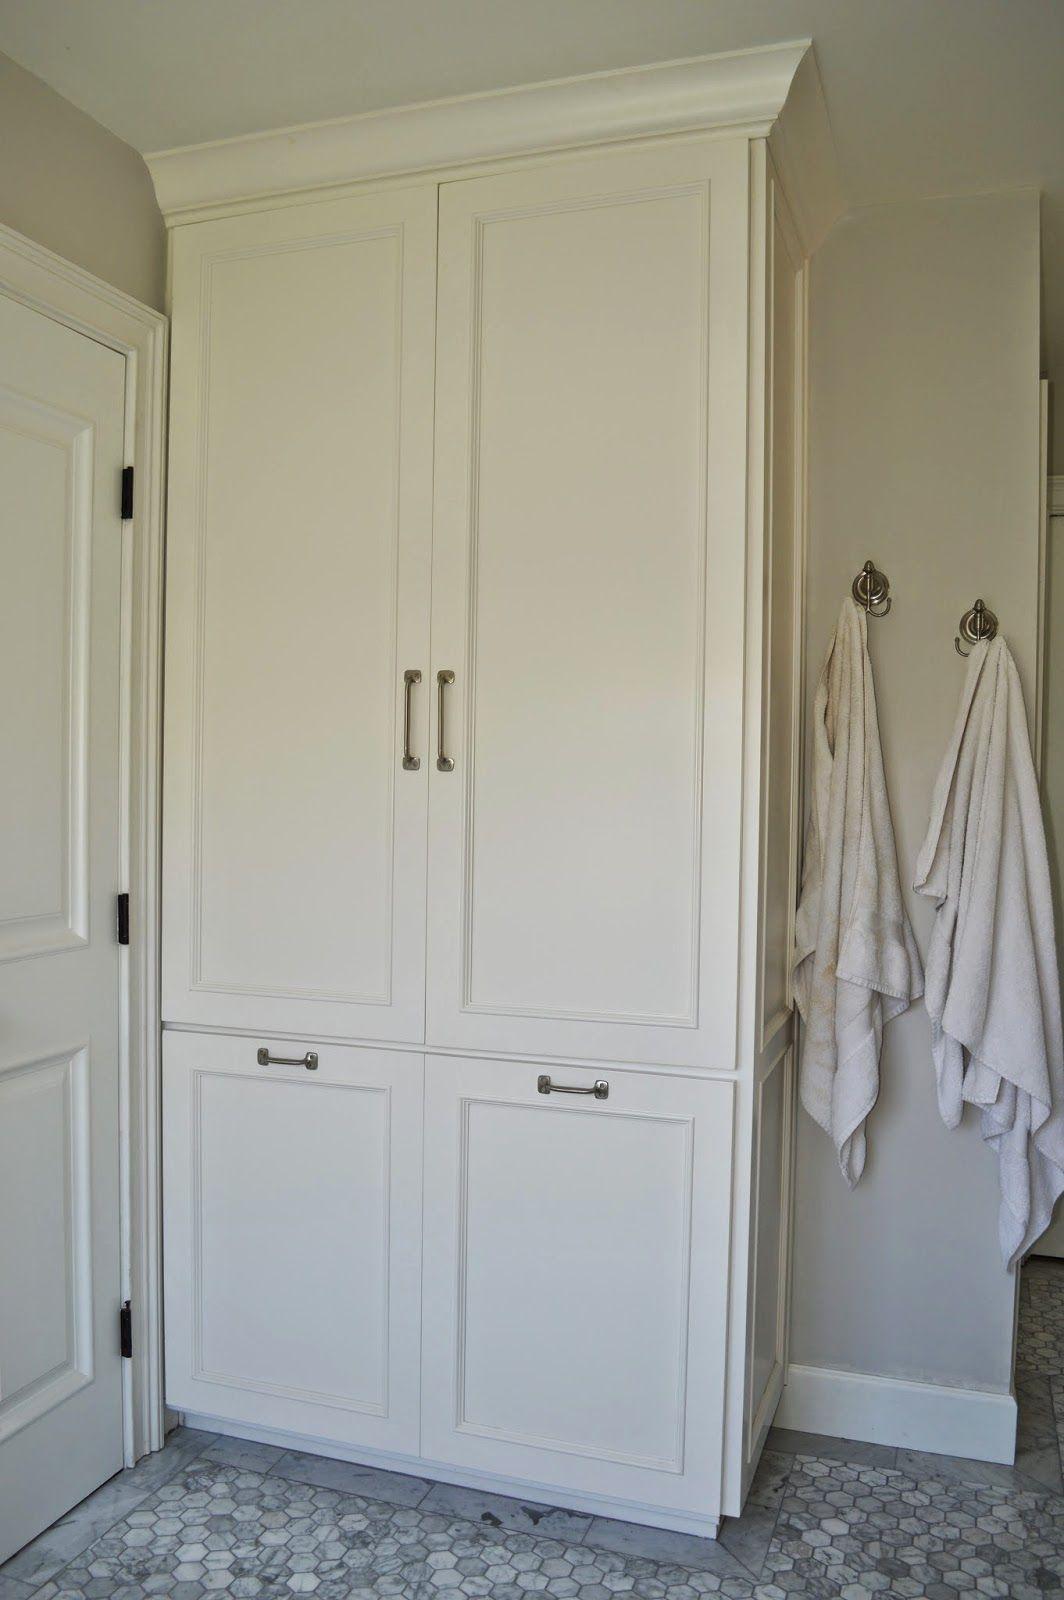 Bathroom Linen Cabinets: #Linen (Linen Storage Ideas) linen closet ...